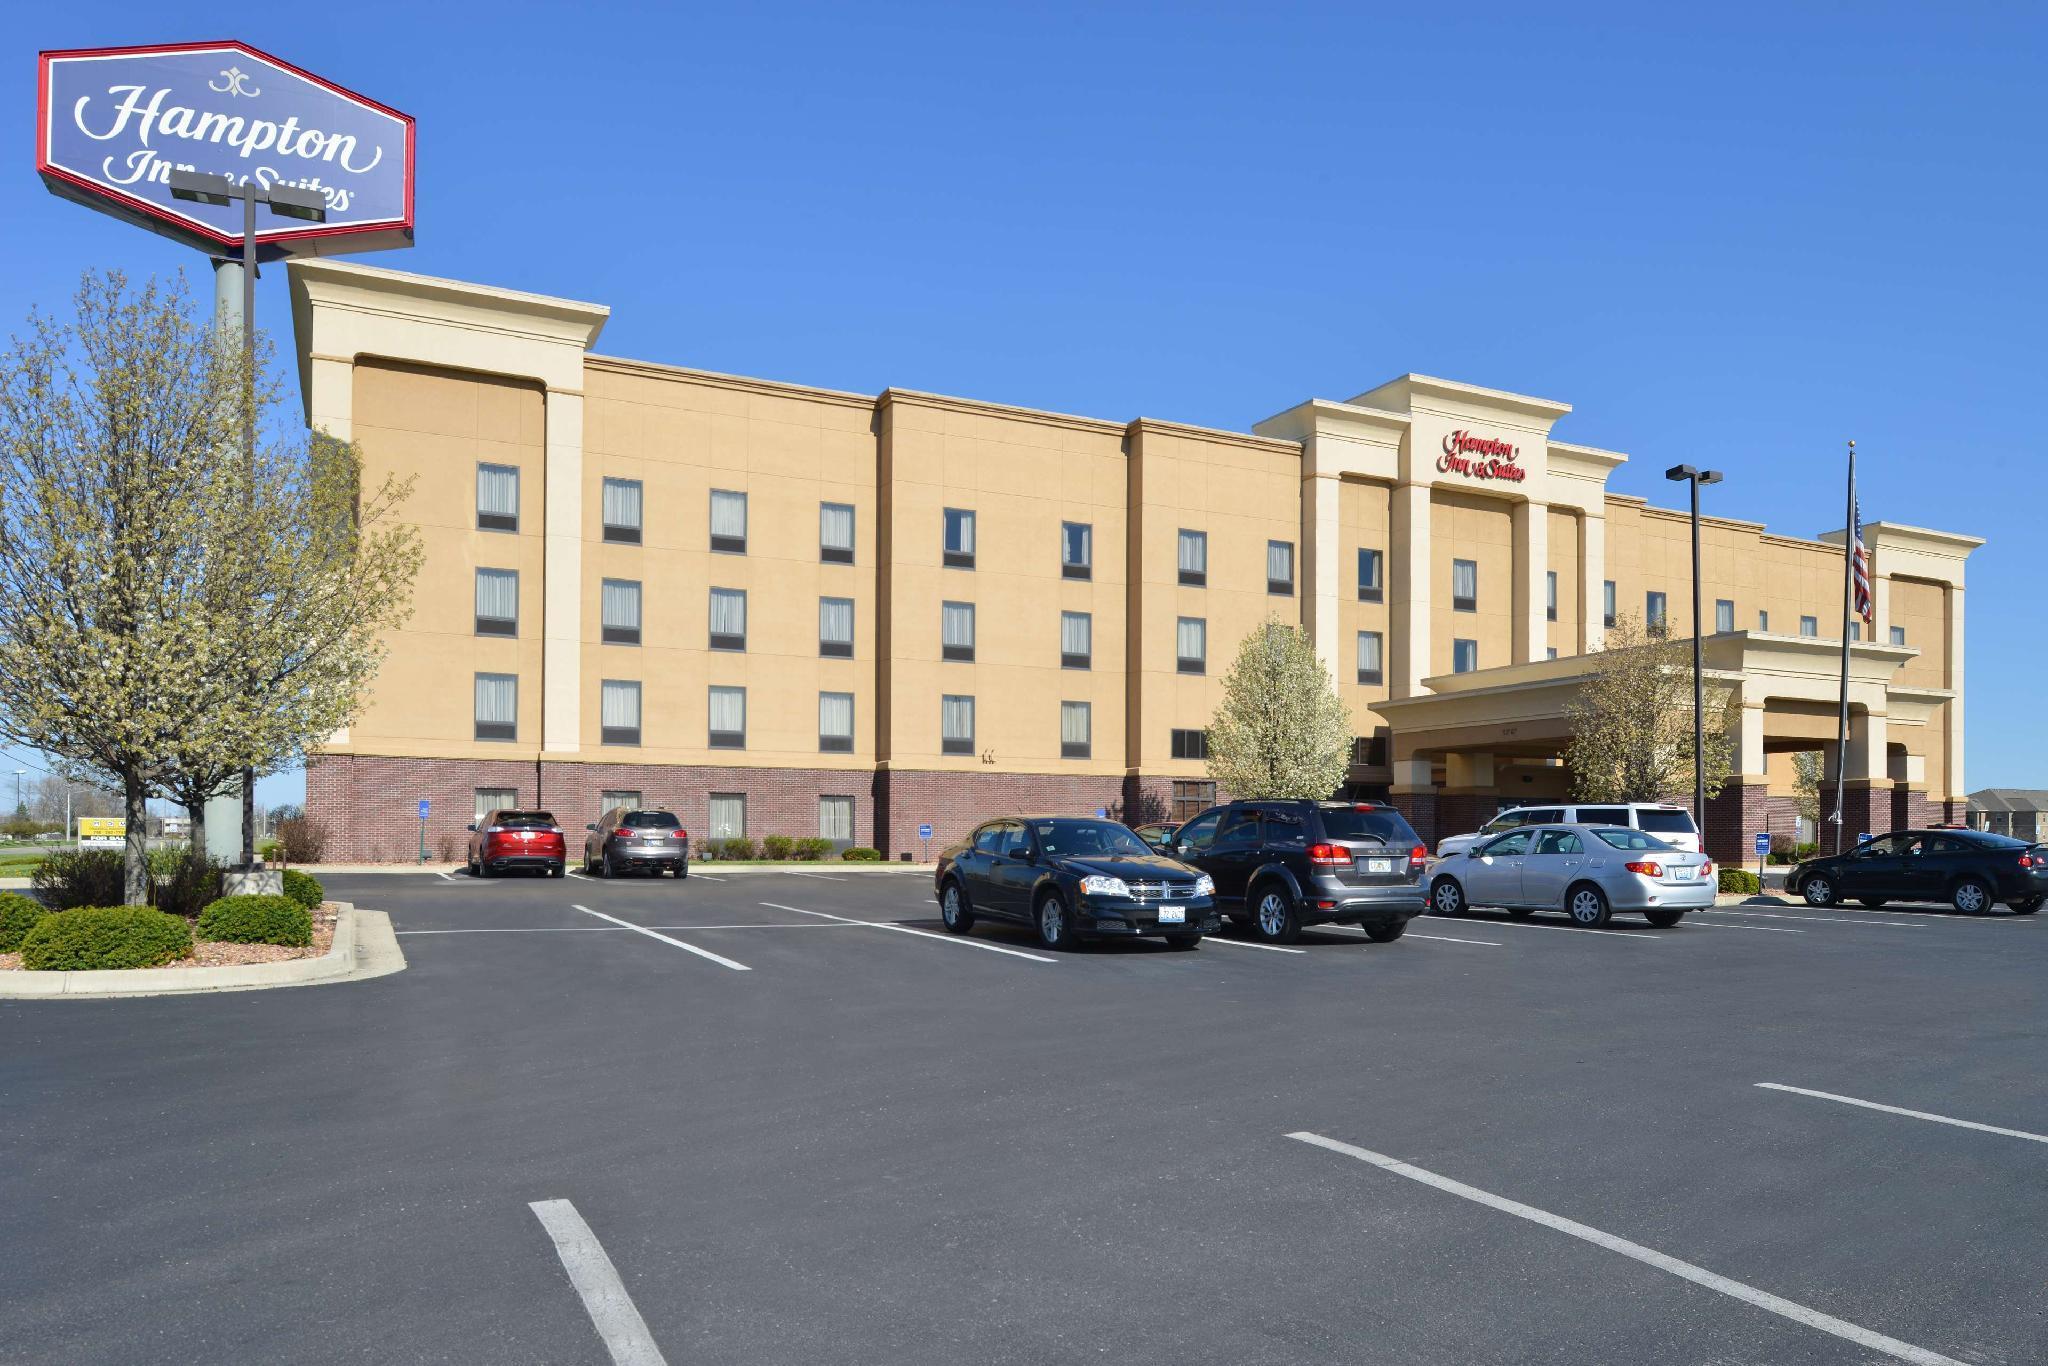 Hampton Inn And Suites Muncie